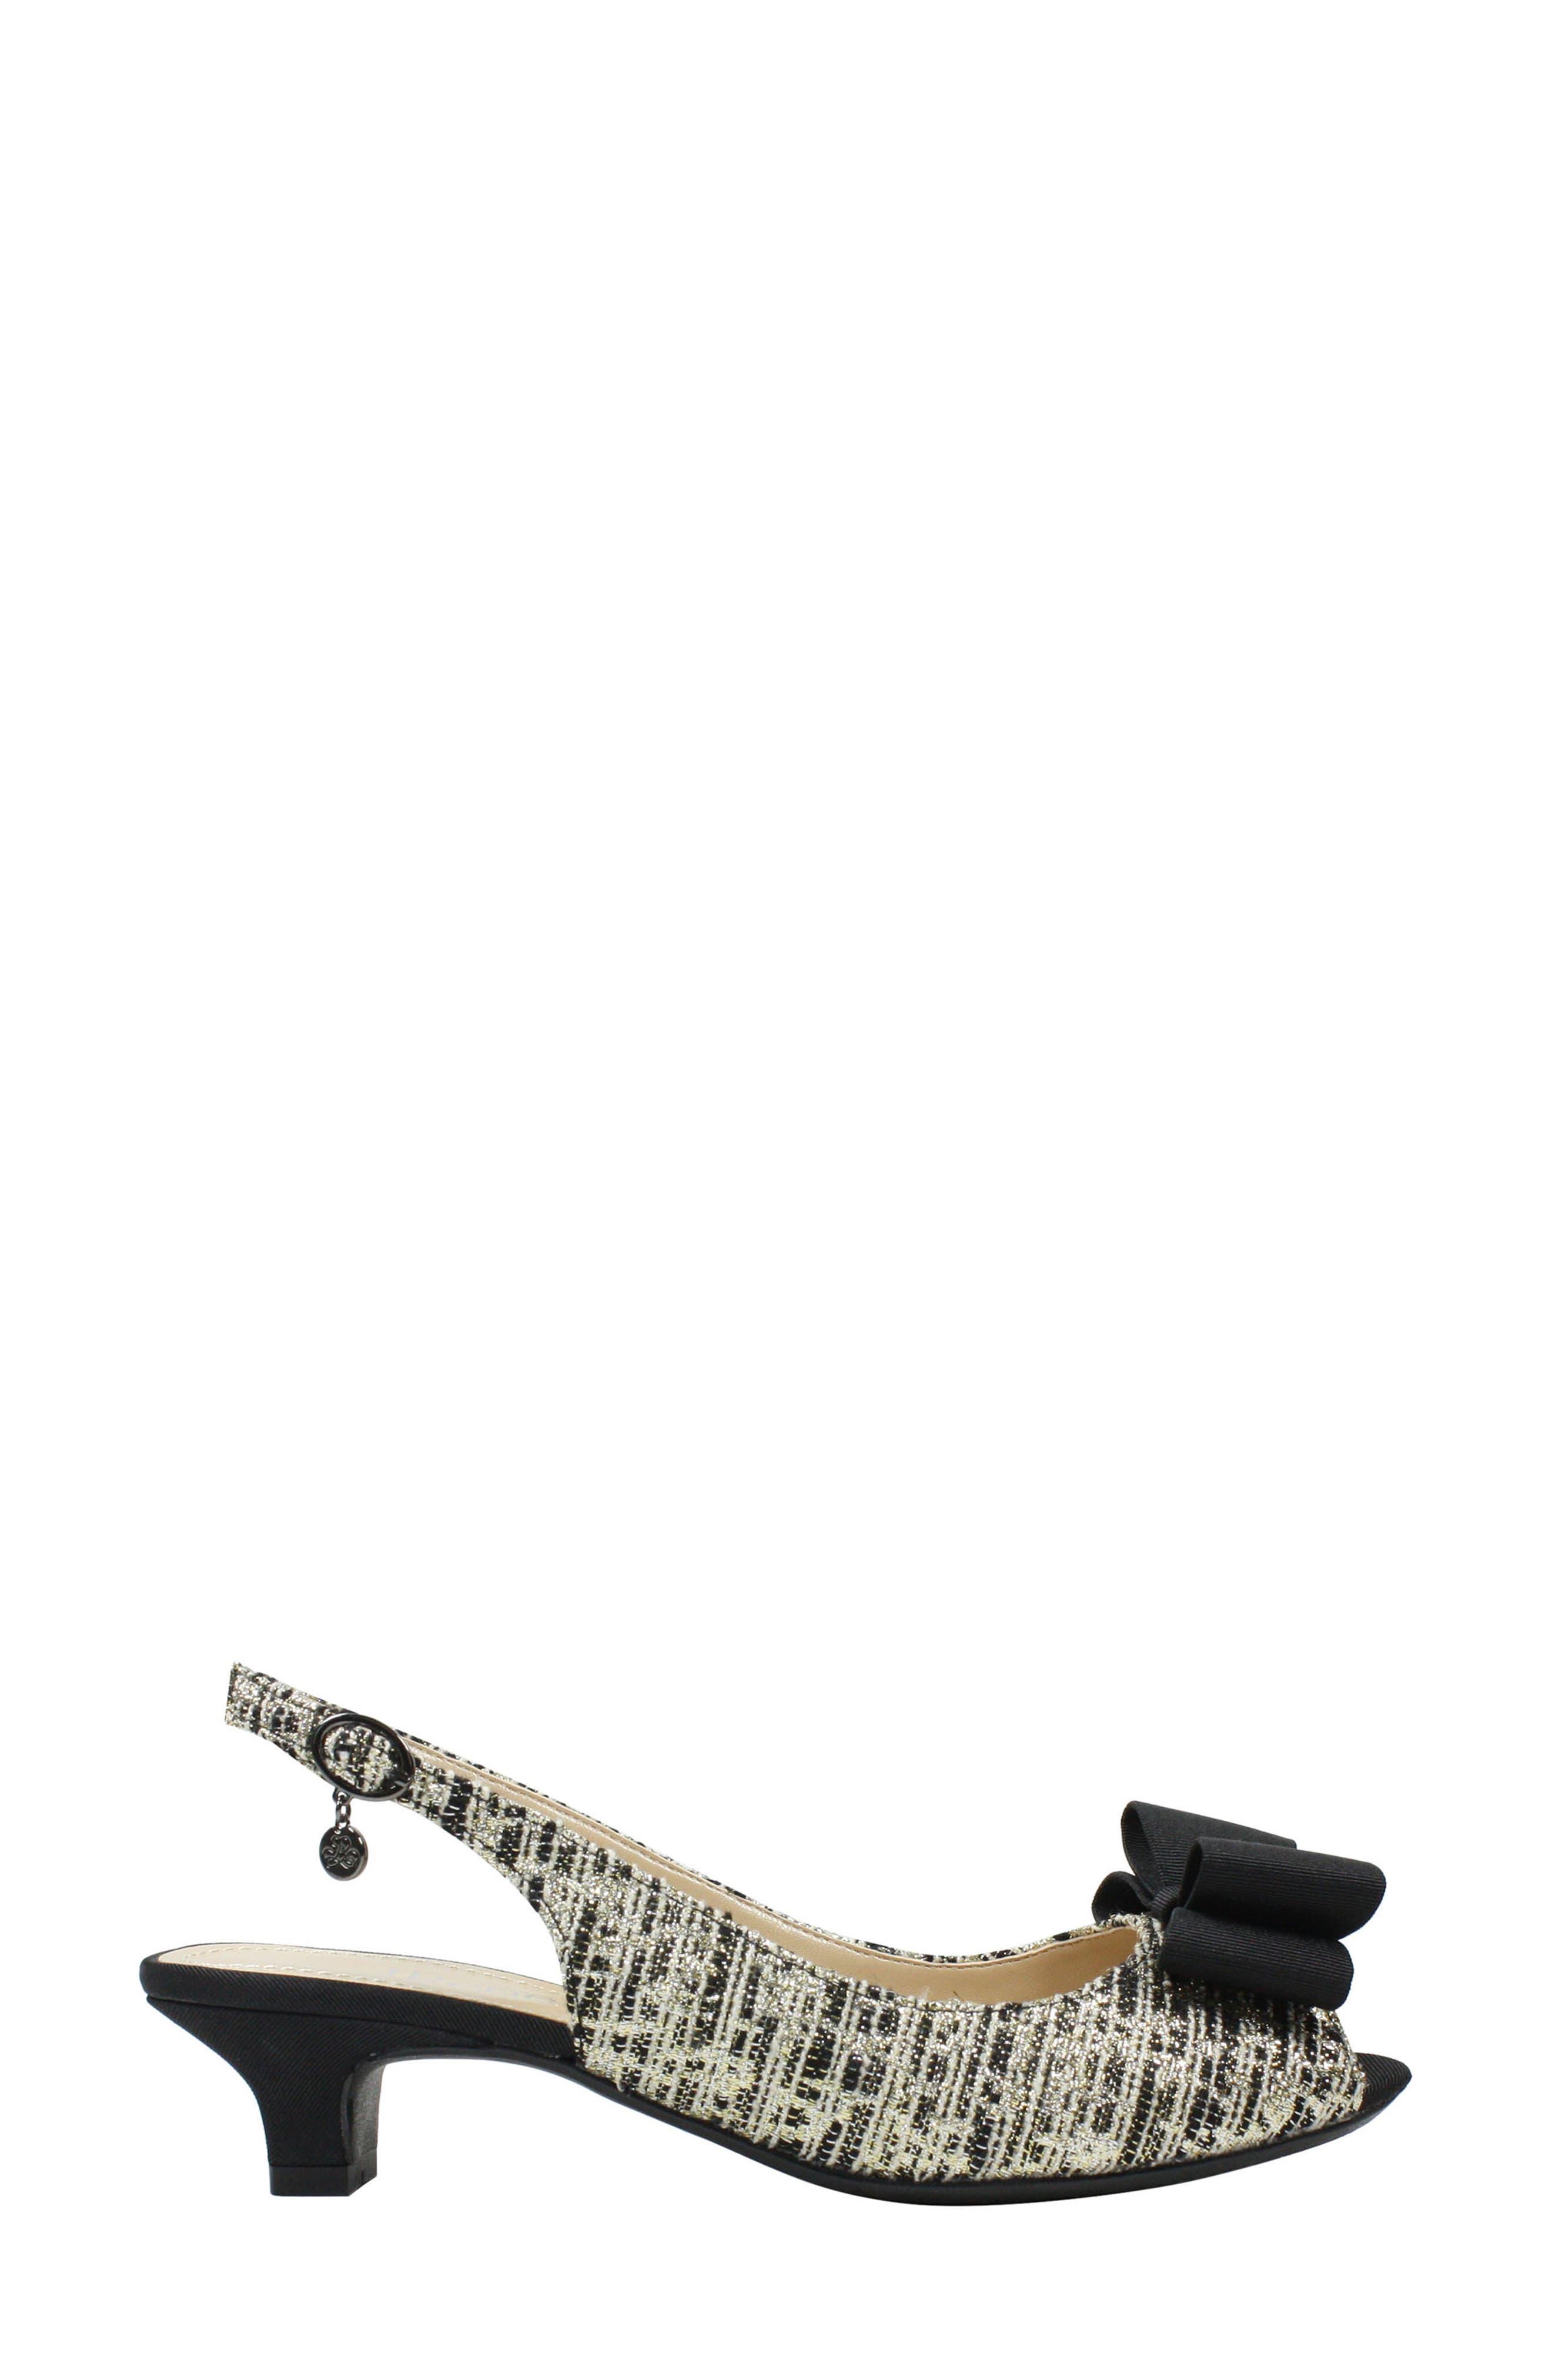 J. RENEÉ, Landan Bow Slingback Sandal, Alternate thumbnail 3, color, BLACK/ GOLD/ SILVER FABRIC